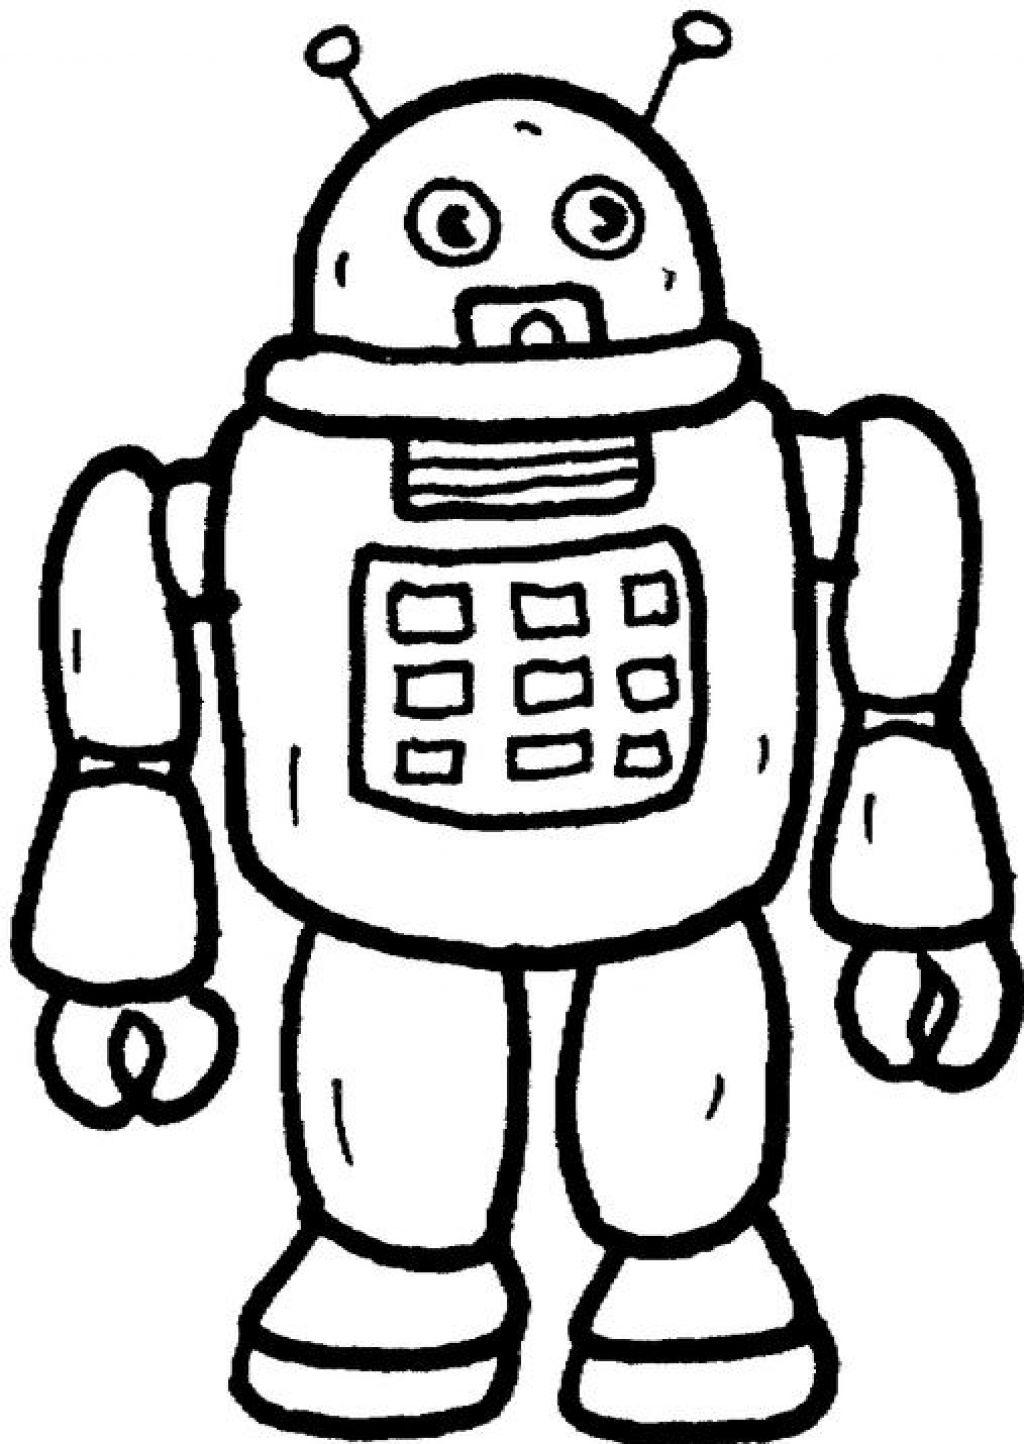 A Nice Robot